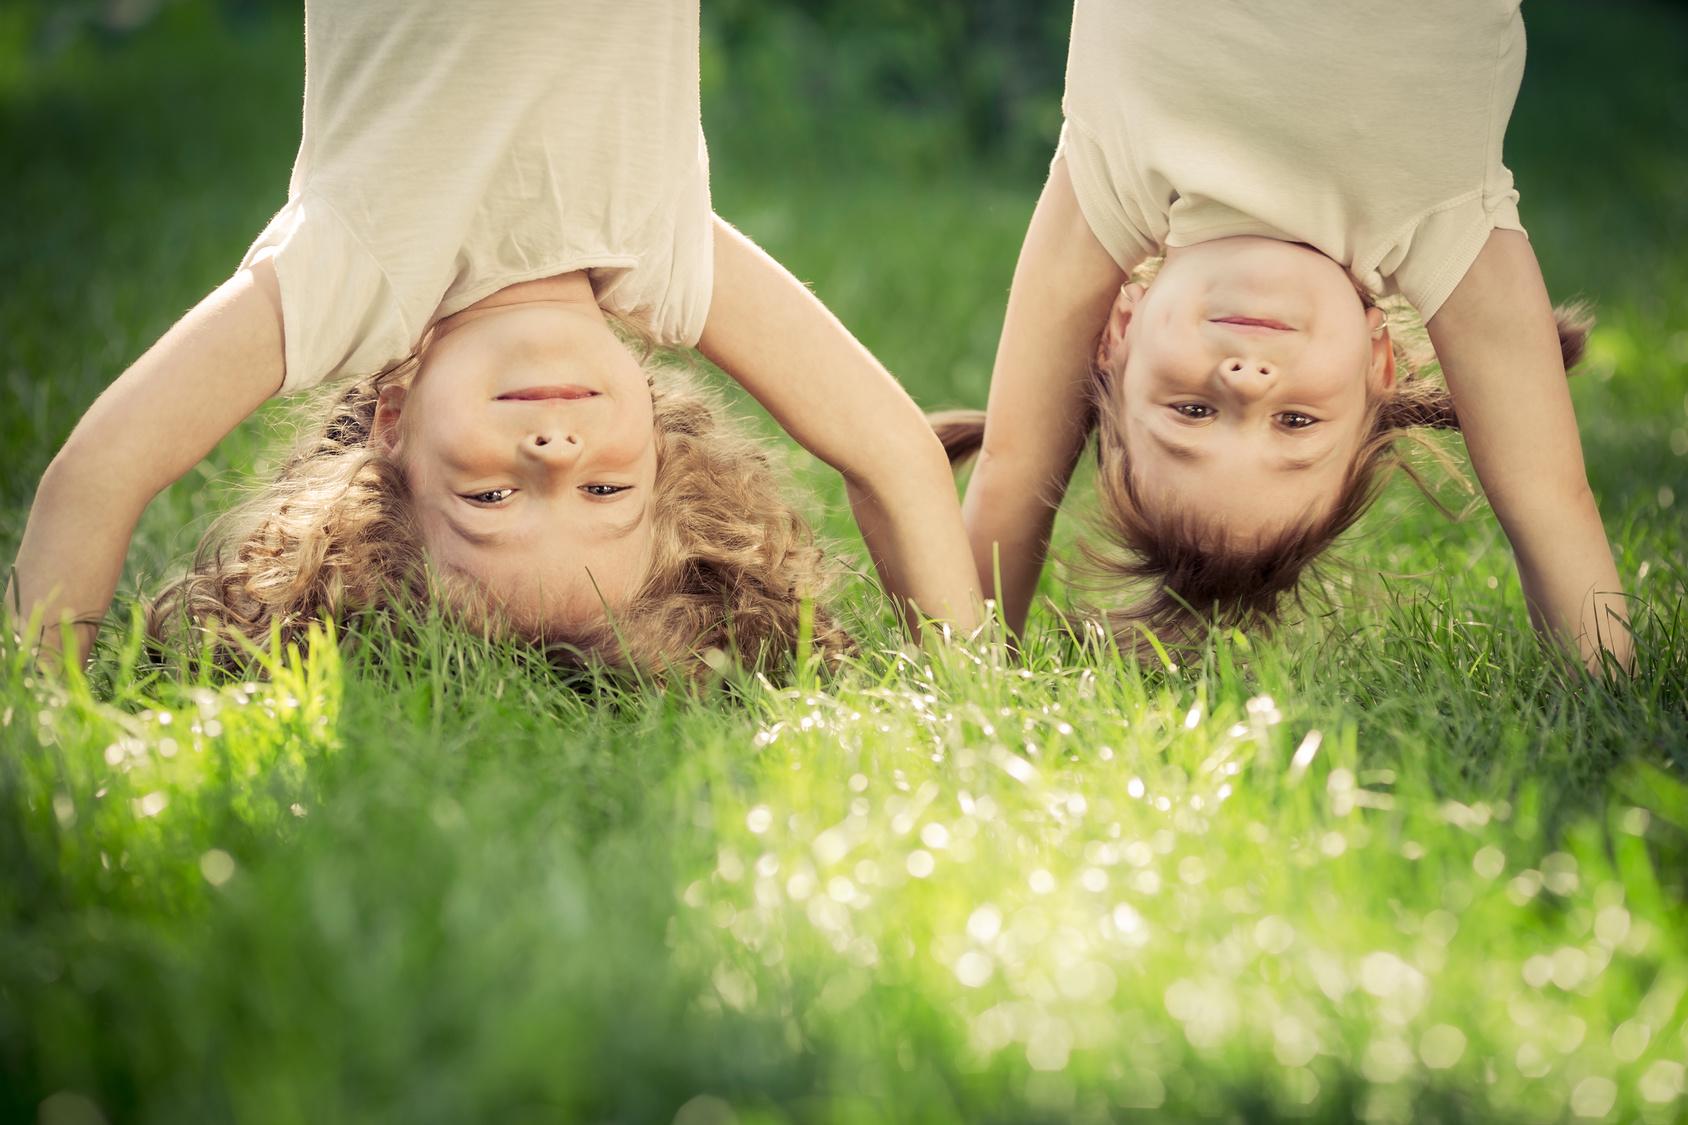 Pourquoi les enfants ne se fatiguent-ils pas aussi facilement que les adultes ?